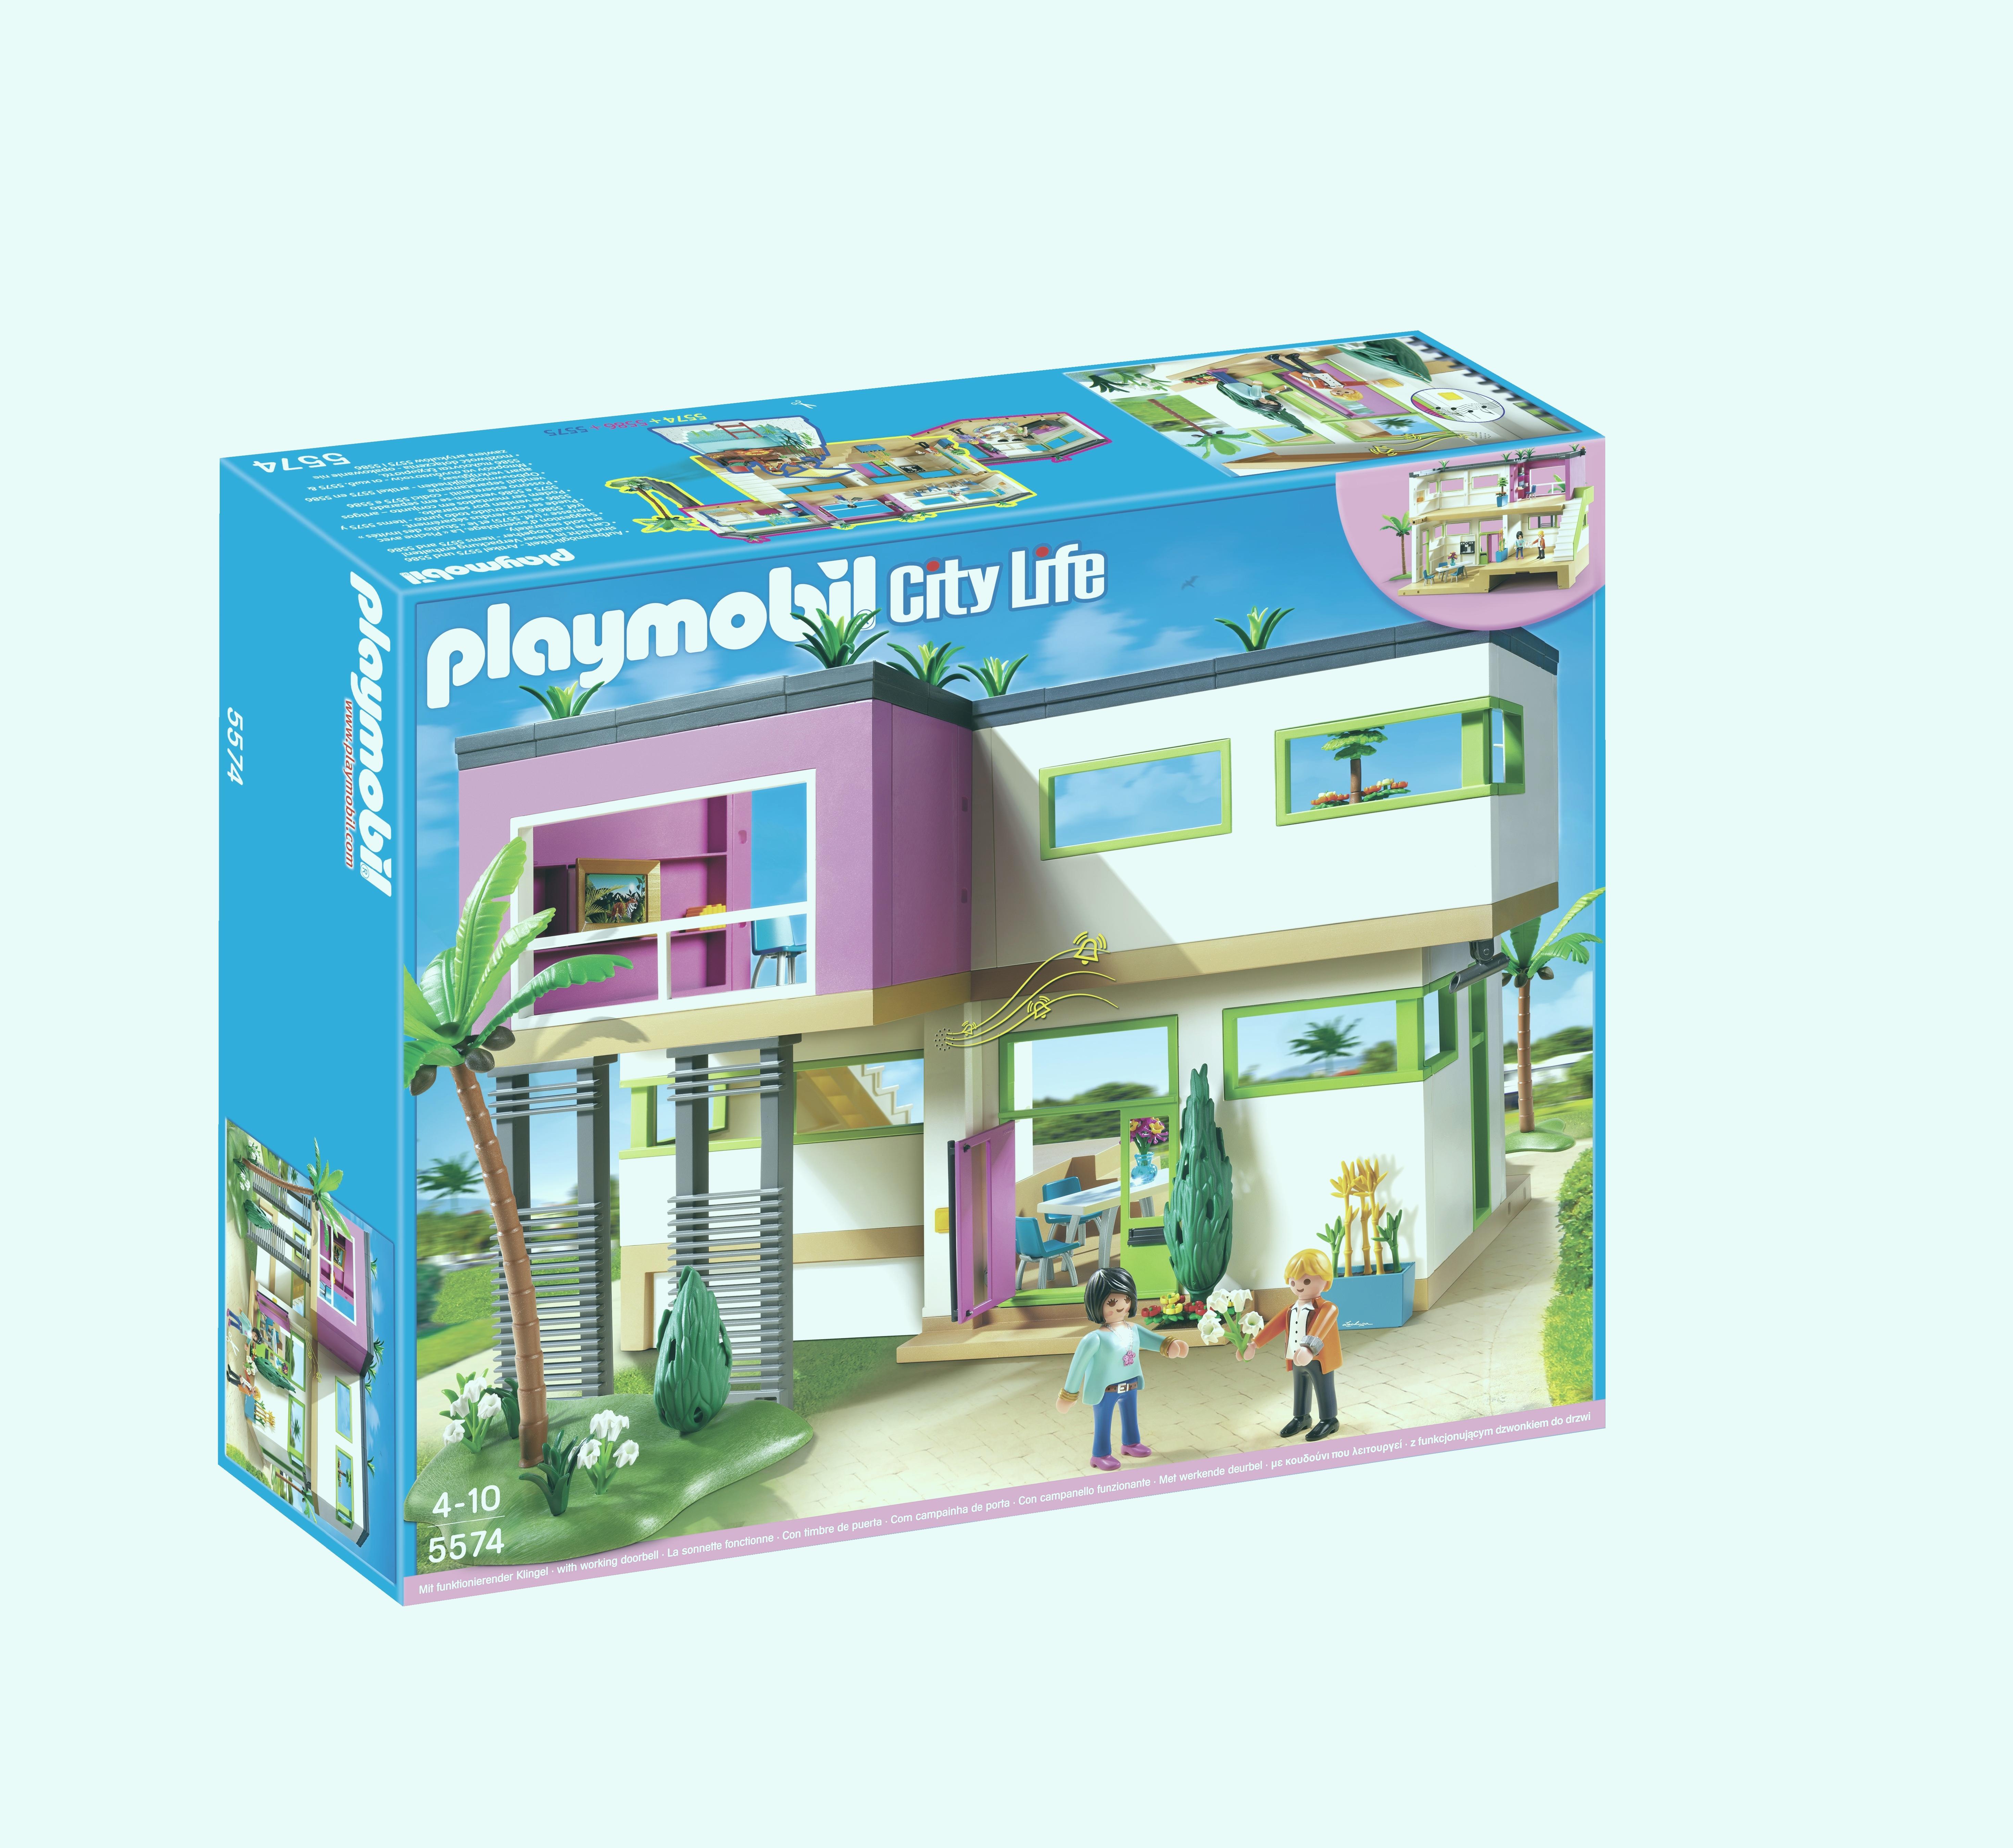 Maison moderne playmobil ebay - zagafrica.fr